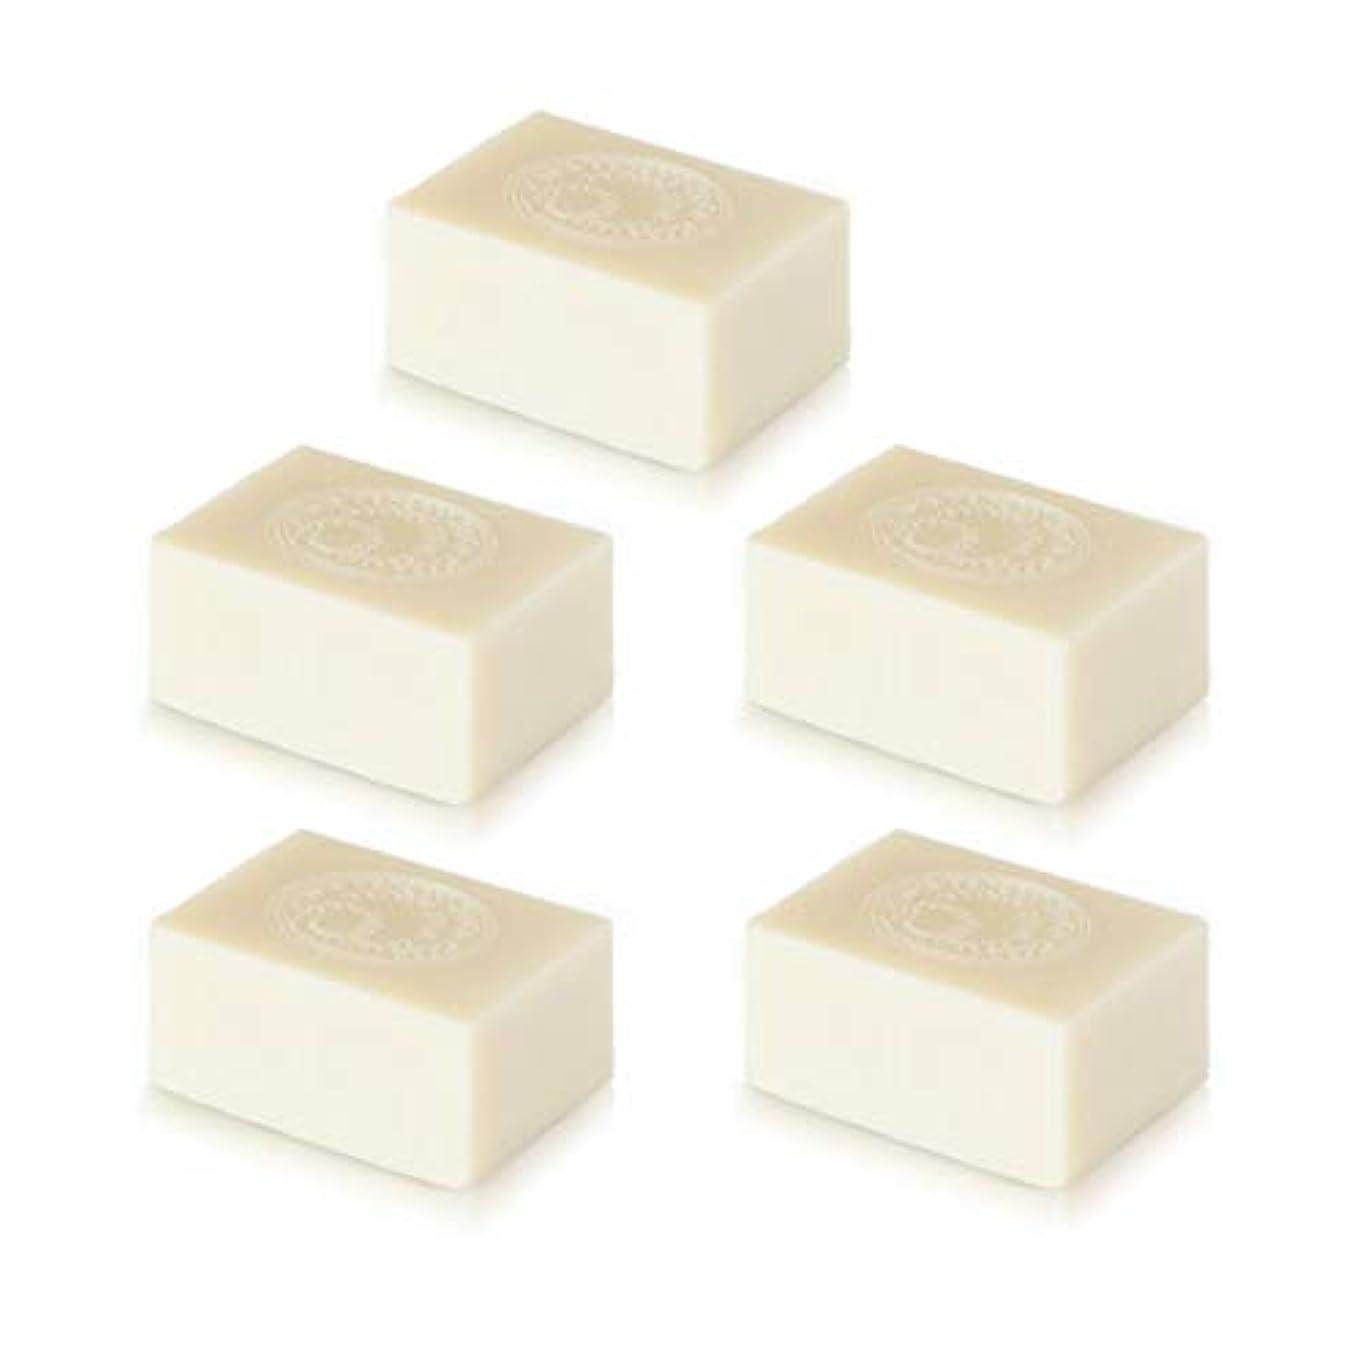 記憶雲有益なナイアード アルガン石鹸5個セット( 145g ×5個)無添加アルガン石鹸